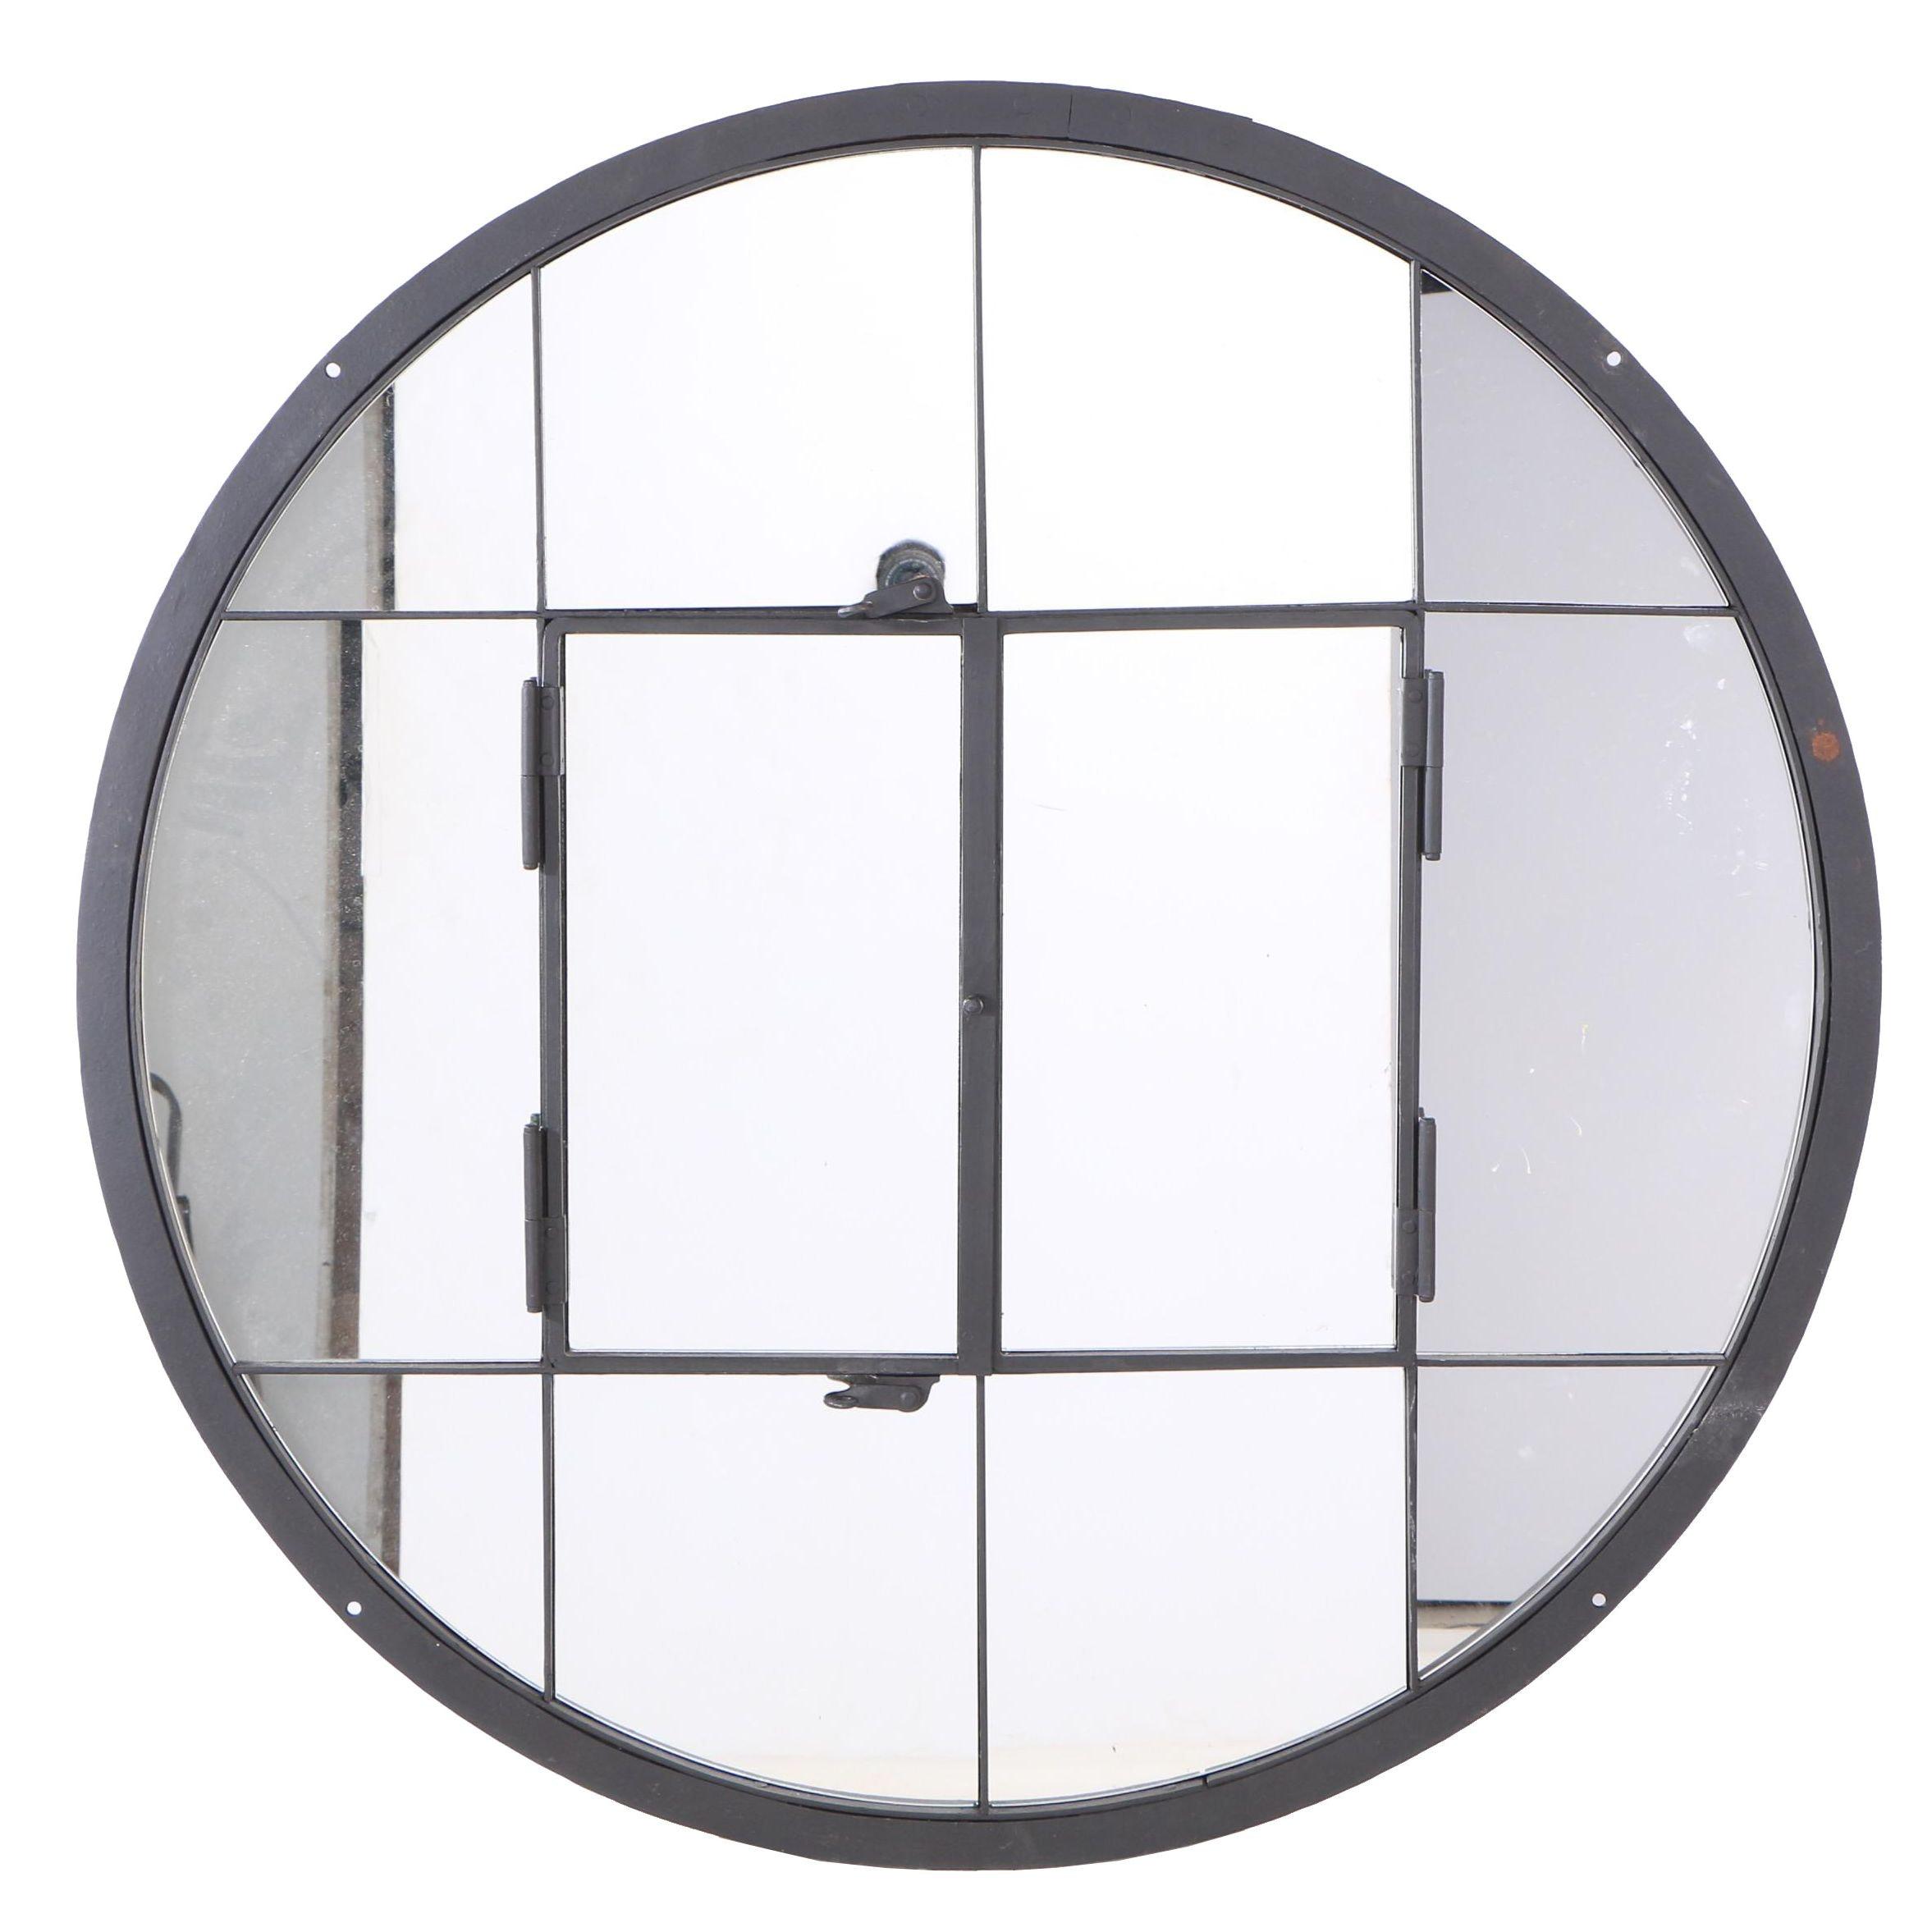 Window Pane Mirror with Iron Frame